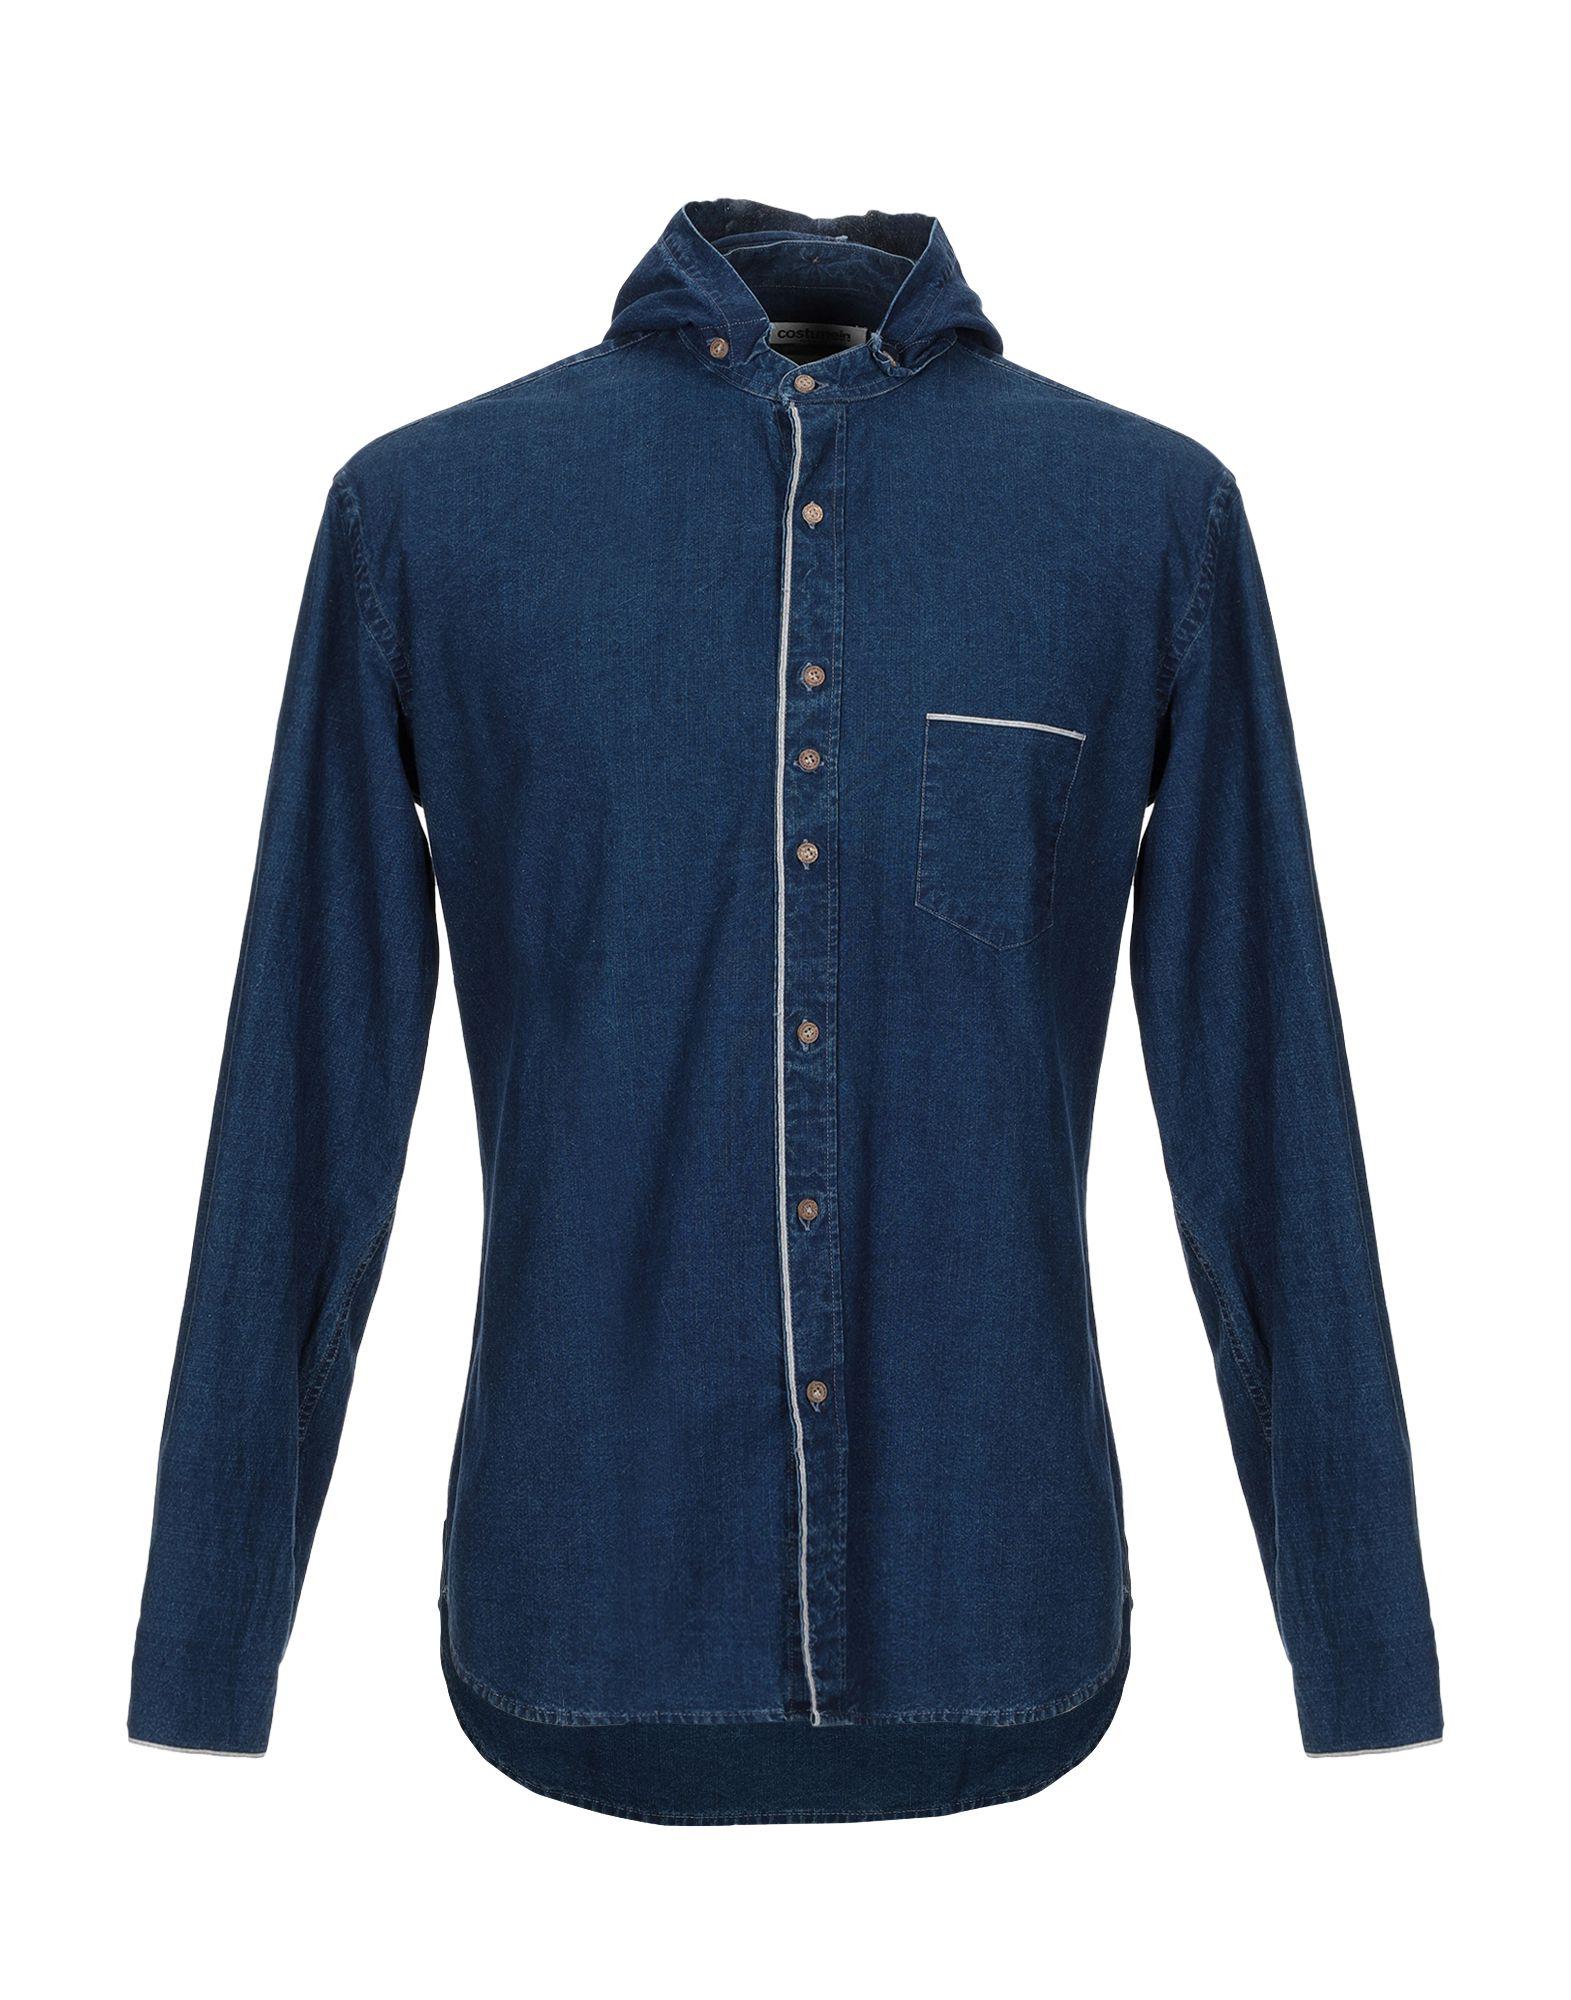 COSTUMEIN Джинсовая рубашка рубашка джинсовая с рисунком сердце 3 12 лет